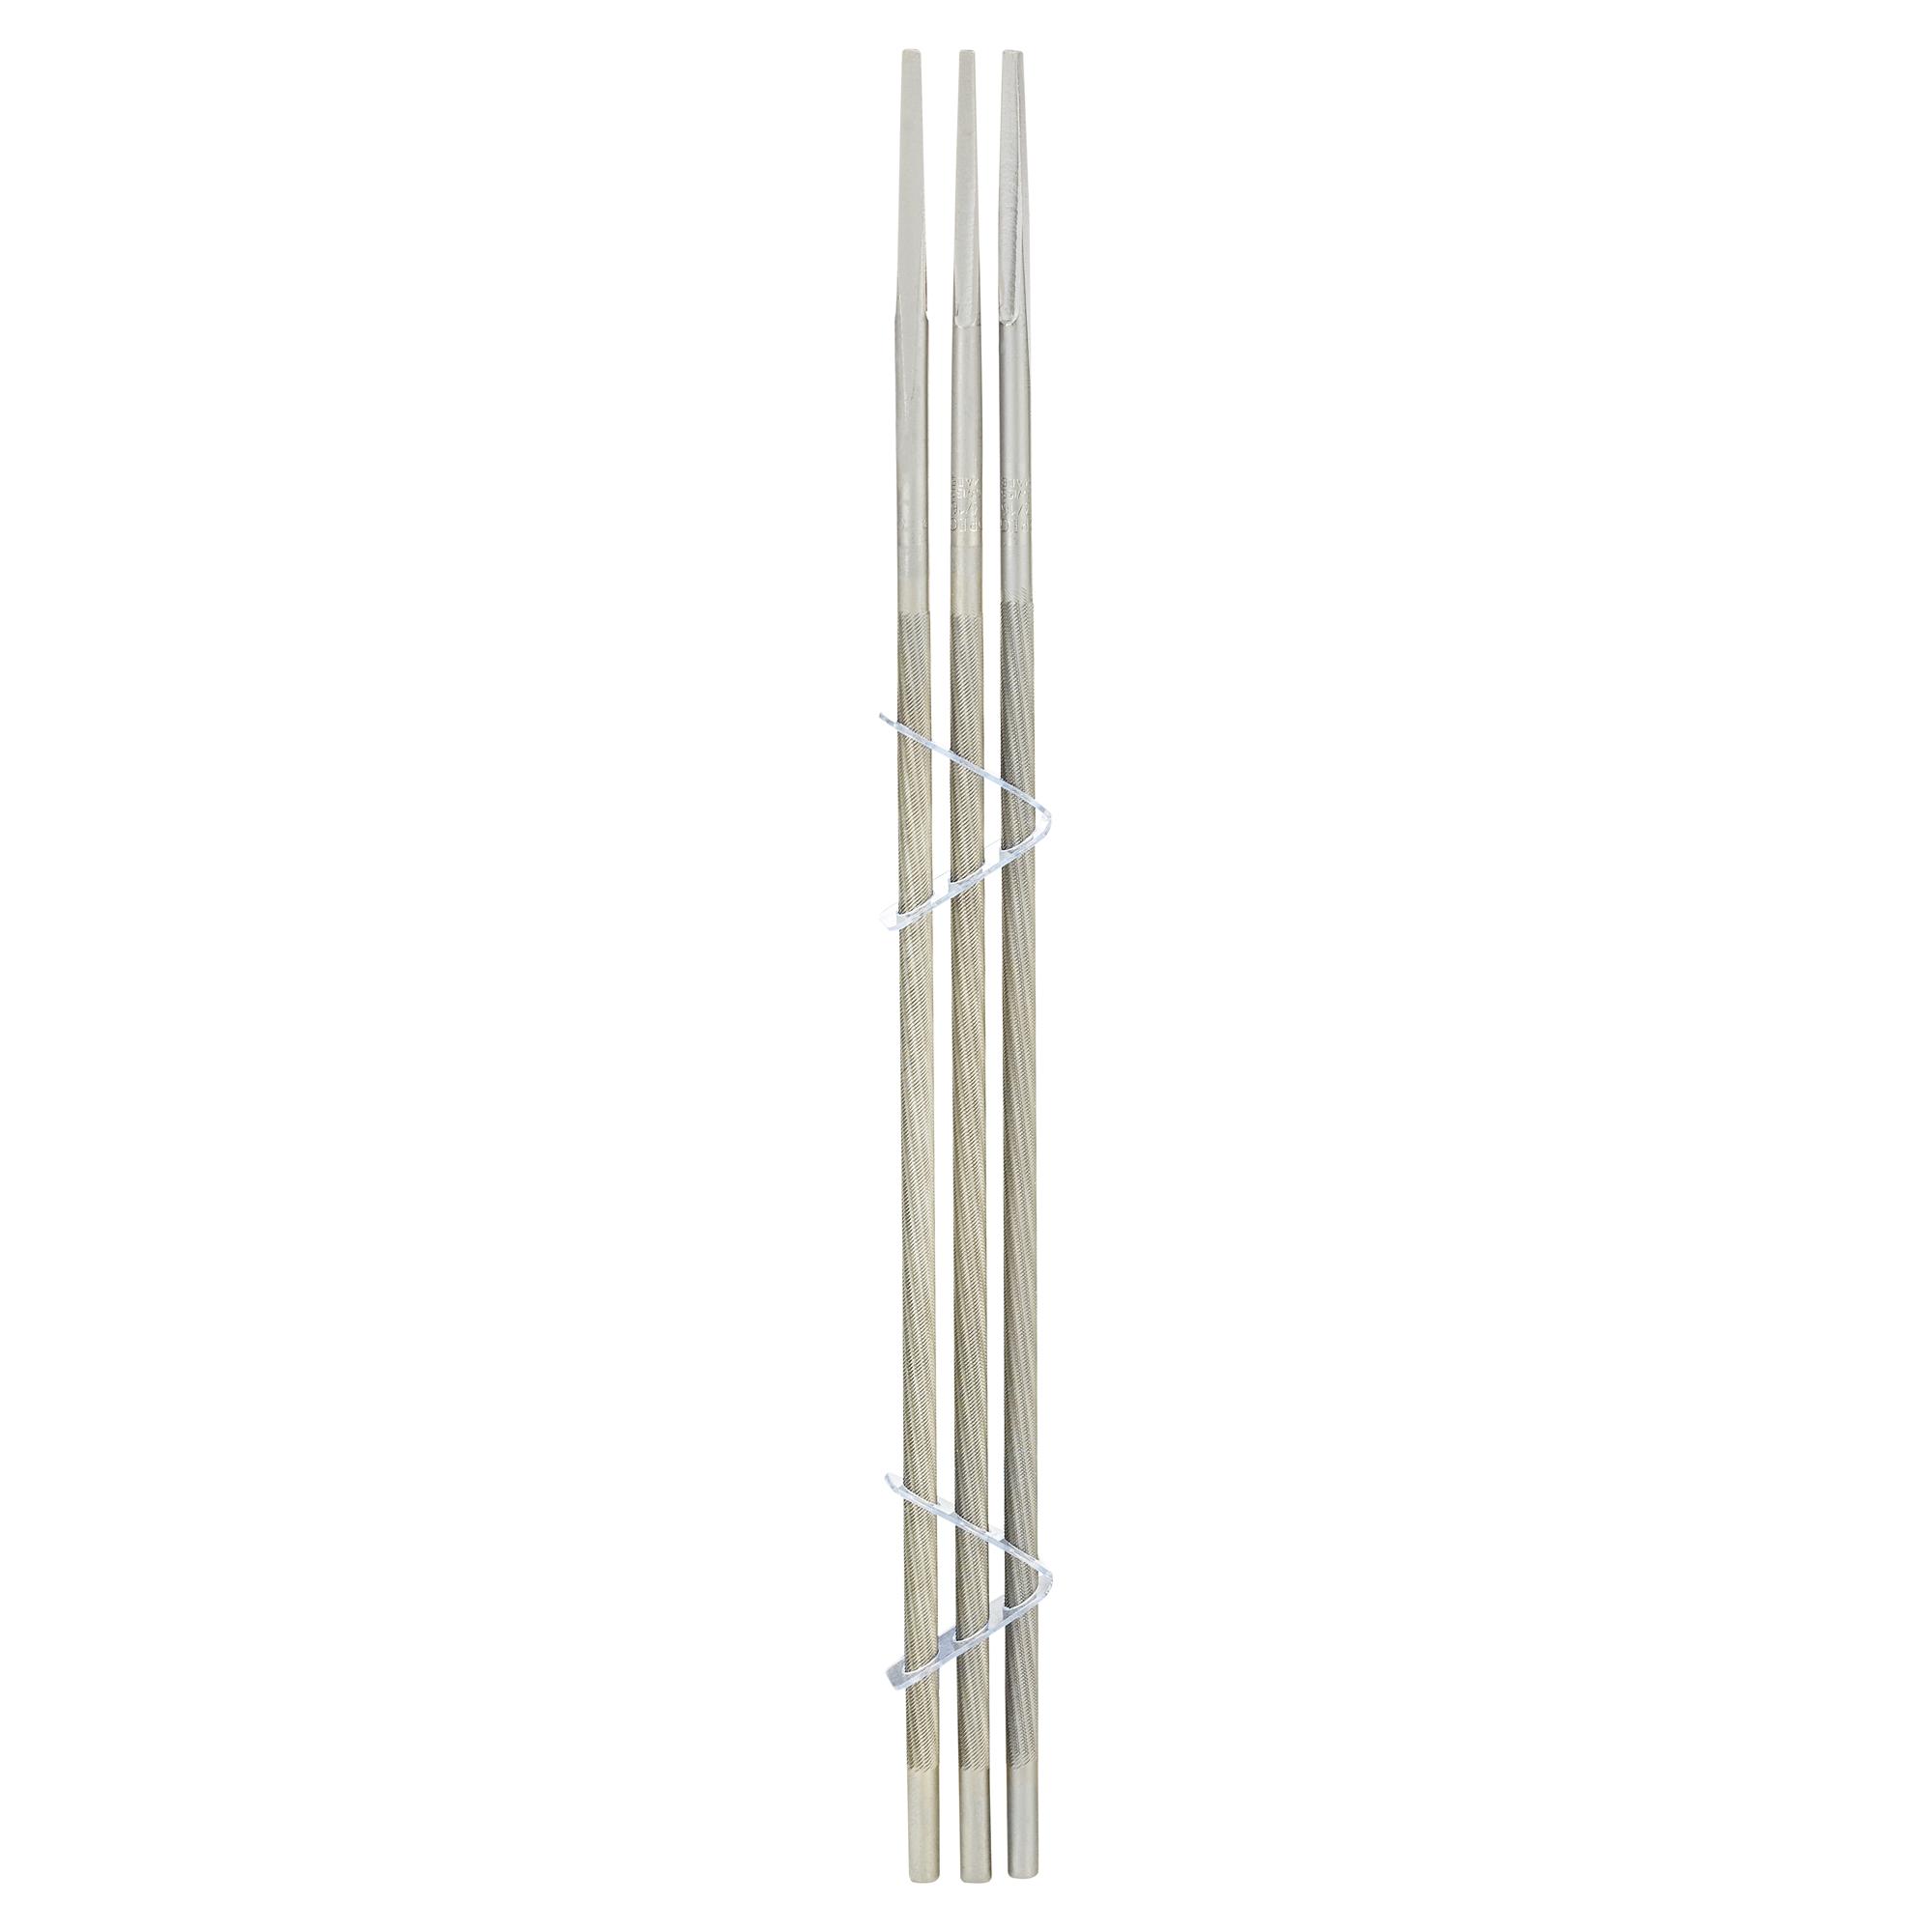 3 Sägeketten 3//8P-1.3-54  für 40cm Einhell KS 1500 Pro Tech